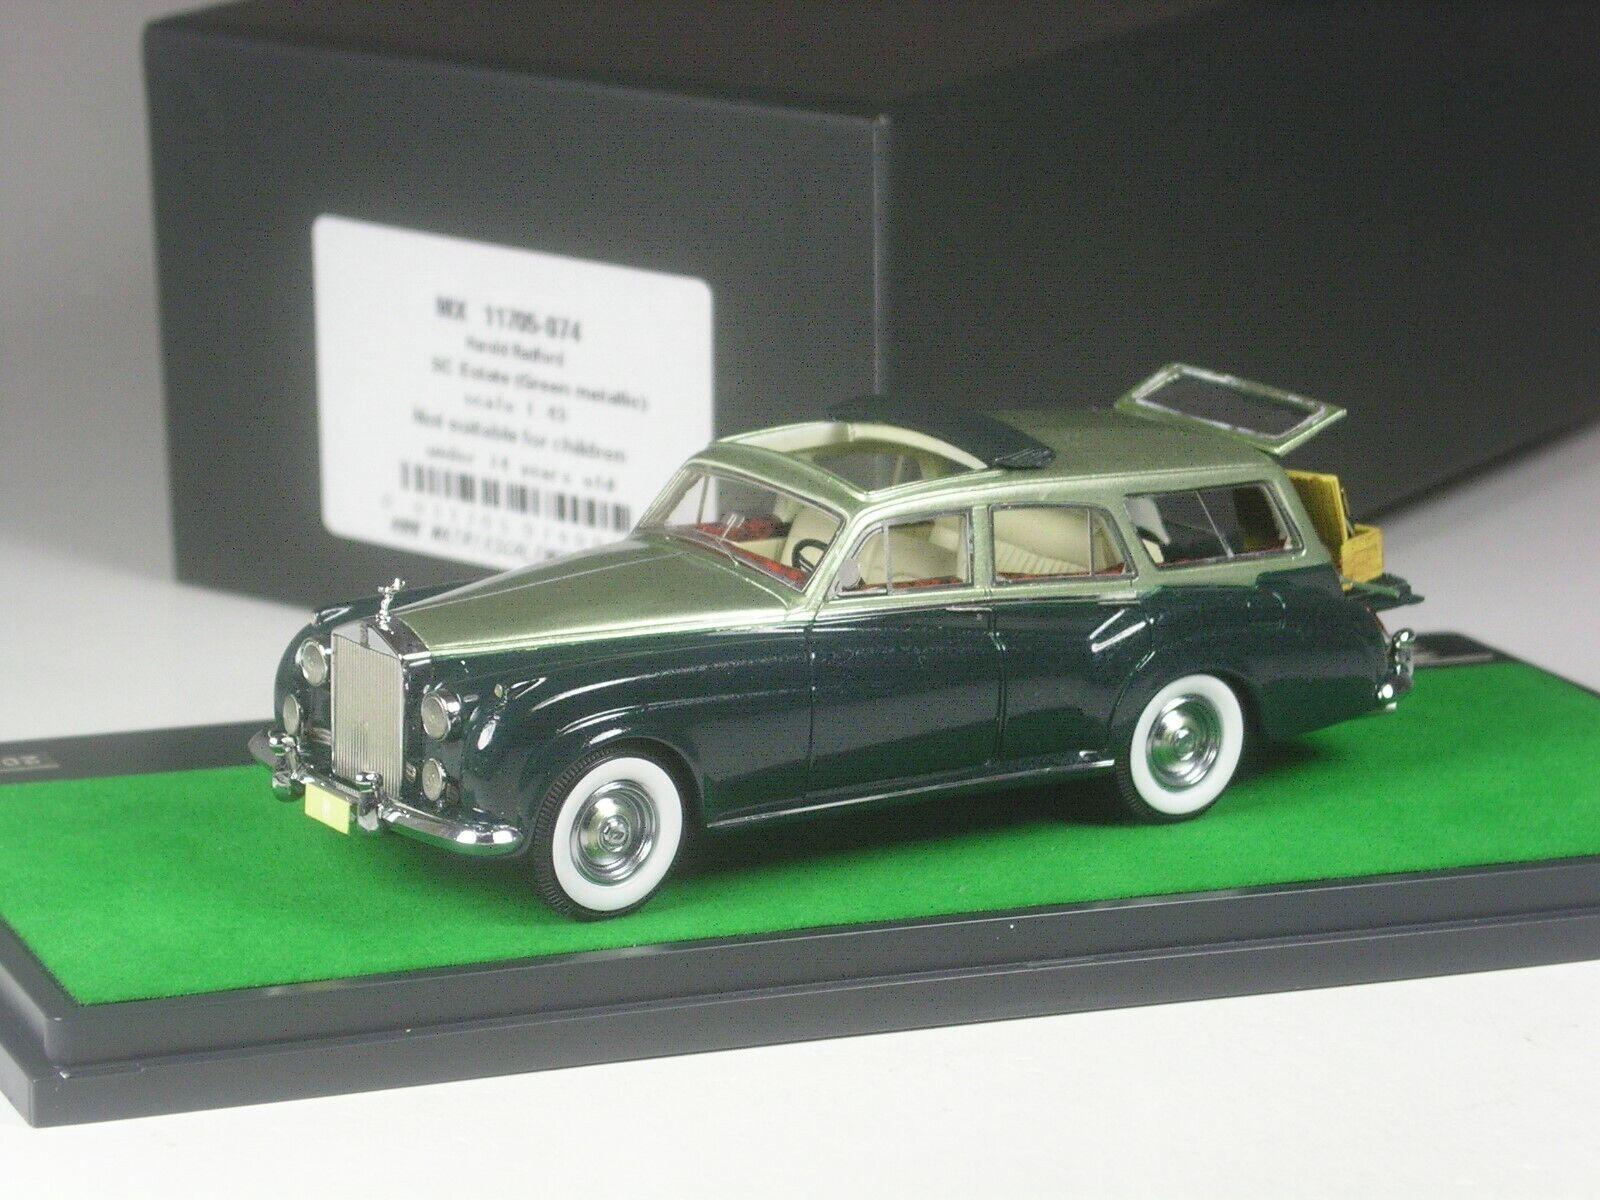 (KI-09-19) MATRIX  Rolls Royce SC Estate Combi vert with Picnic Basket 1 43 BNIB  qualité authentique